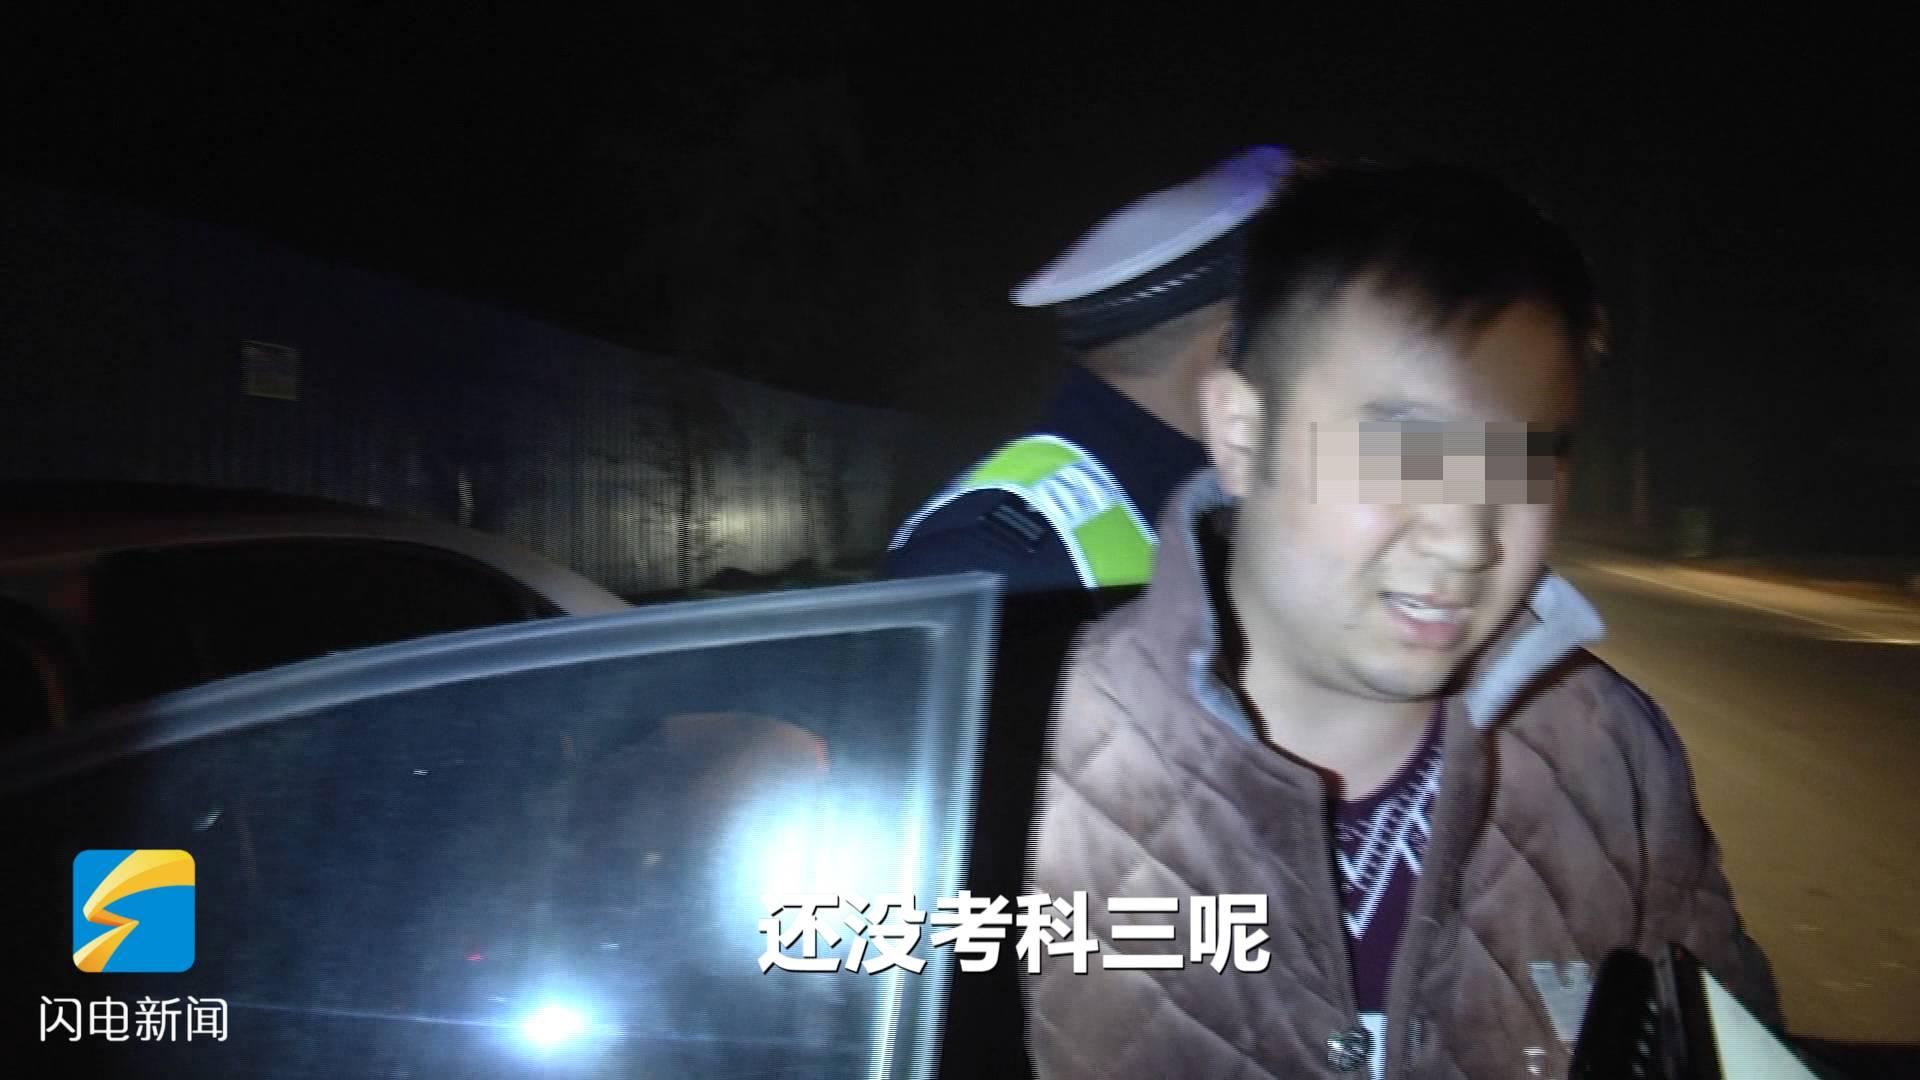 79秒丨菏泽无证司机驾车被查 一不小心说漏嘴:我还没考